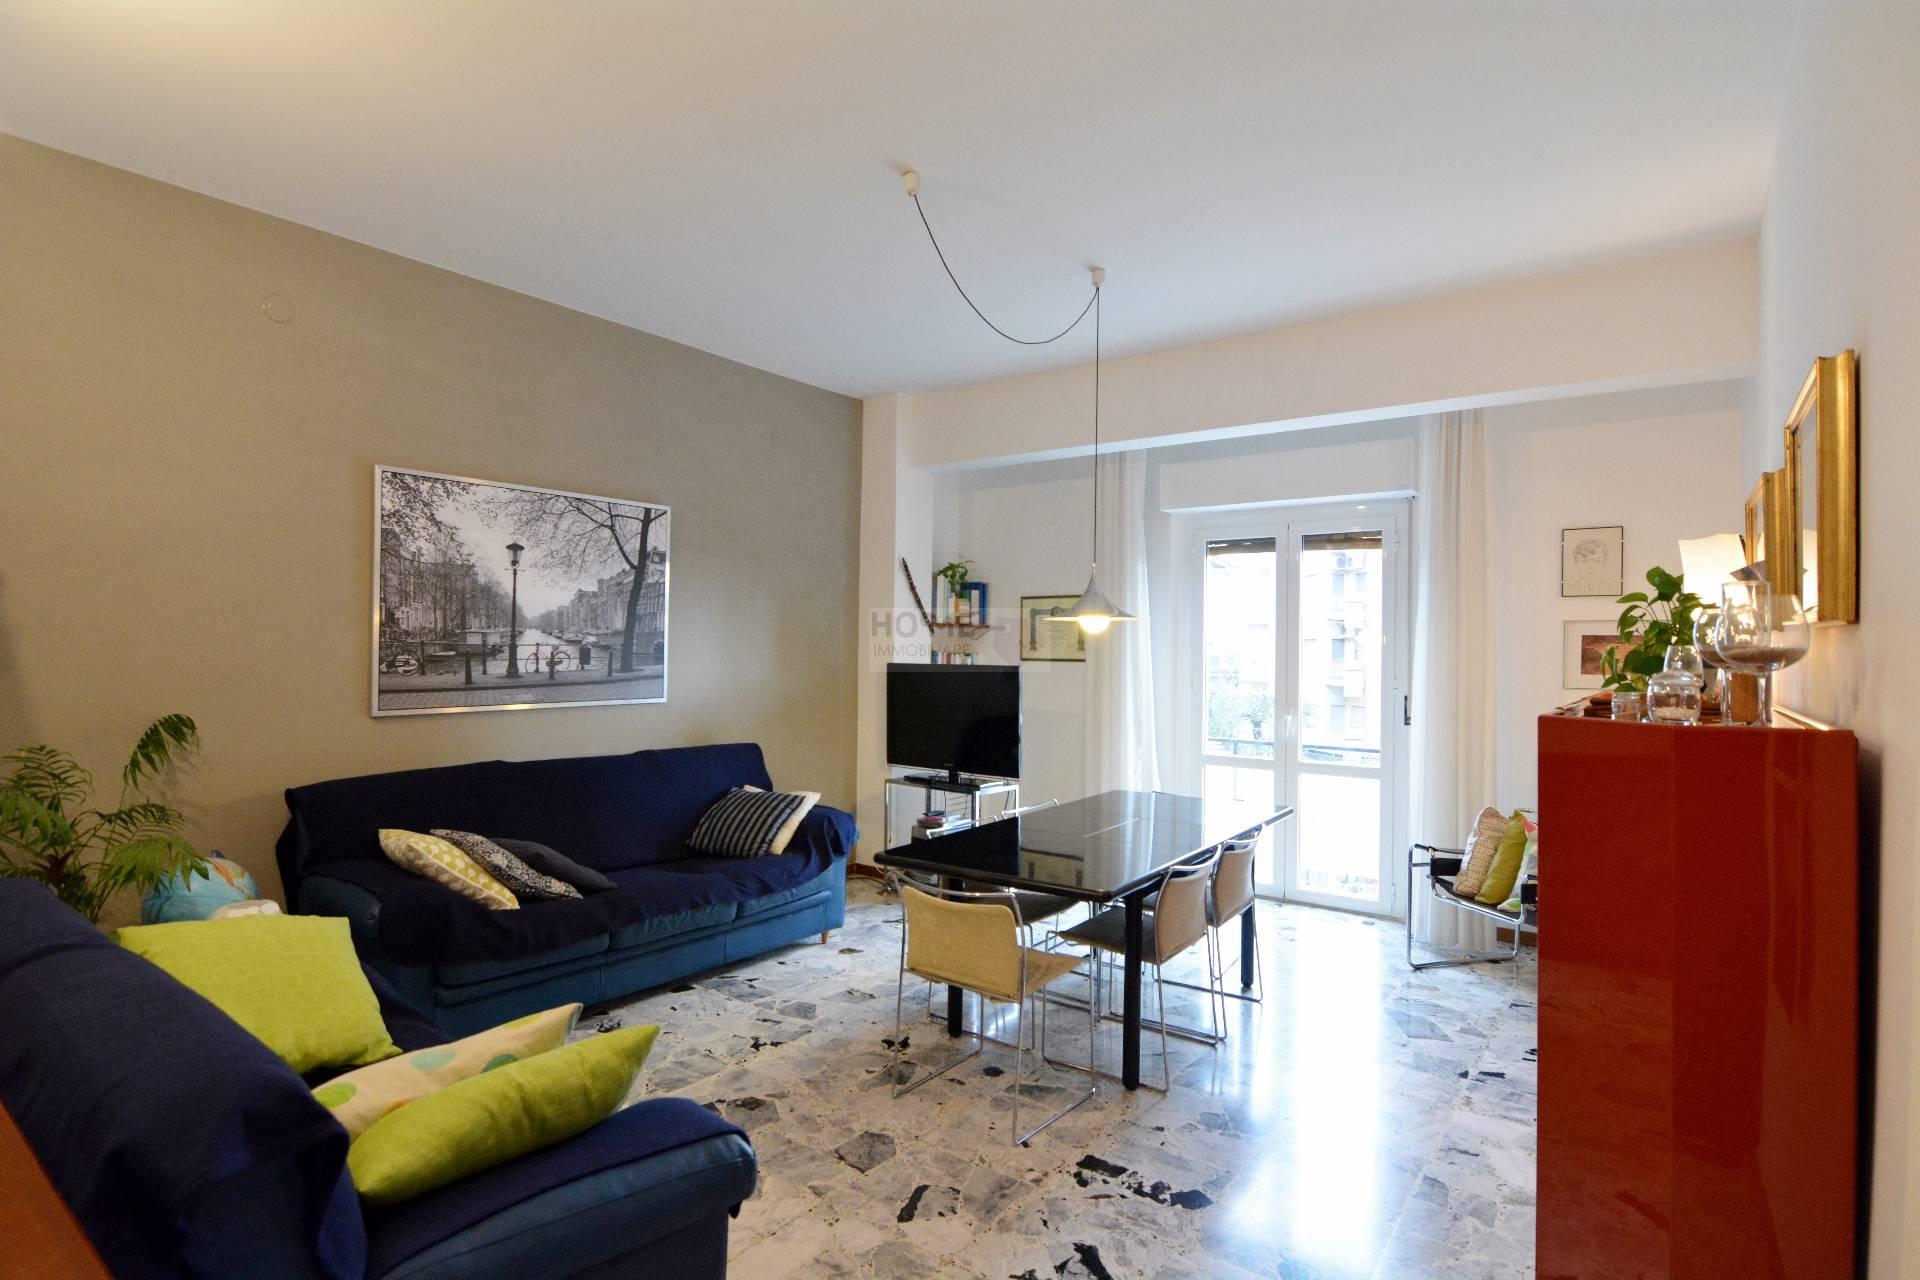 Appartamento in vendita a Macerata, 7 locali, zona Località: zonaviaSpalato, prezzo € 159.000 | Cambio Casa.it